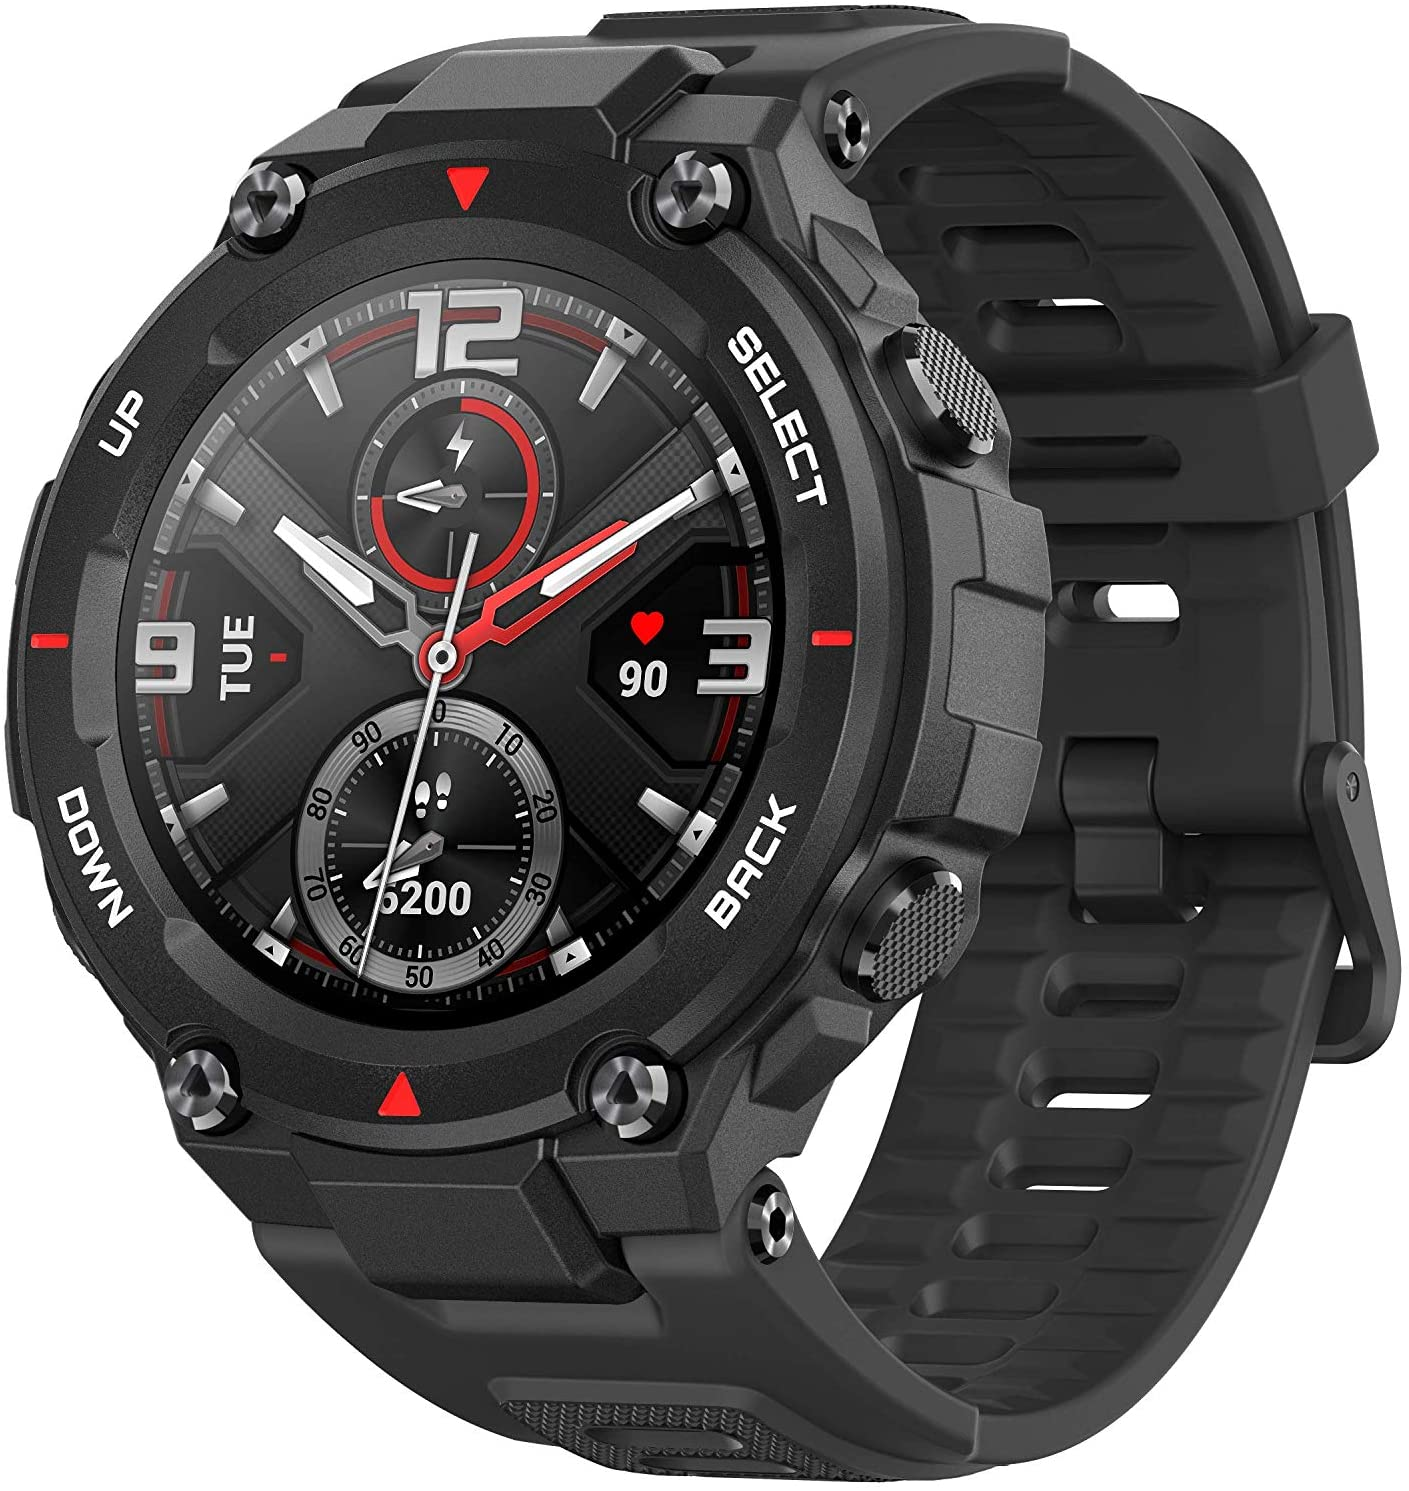 Amazfit T-Rex Smartwatch, best compass watches